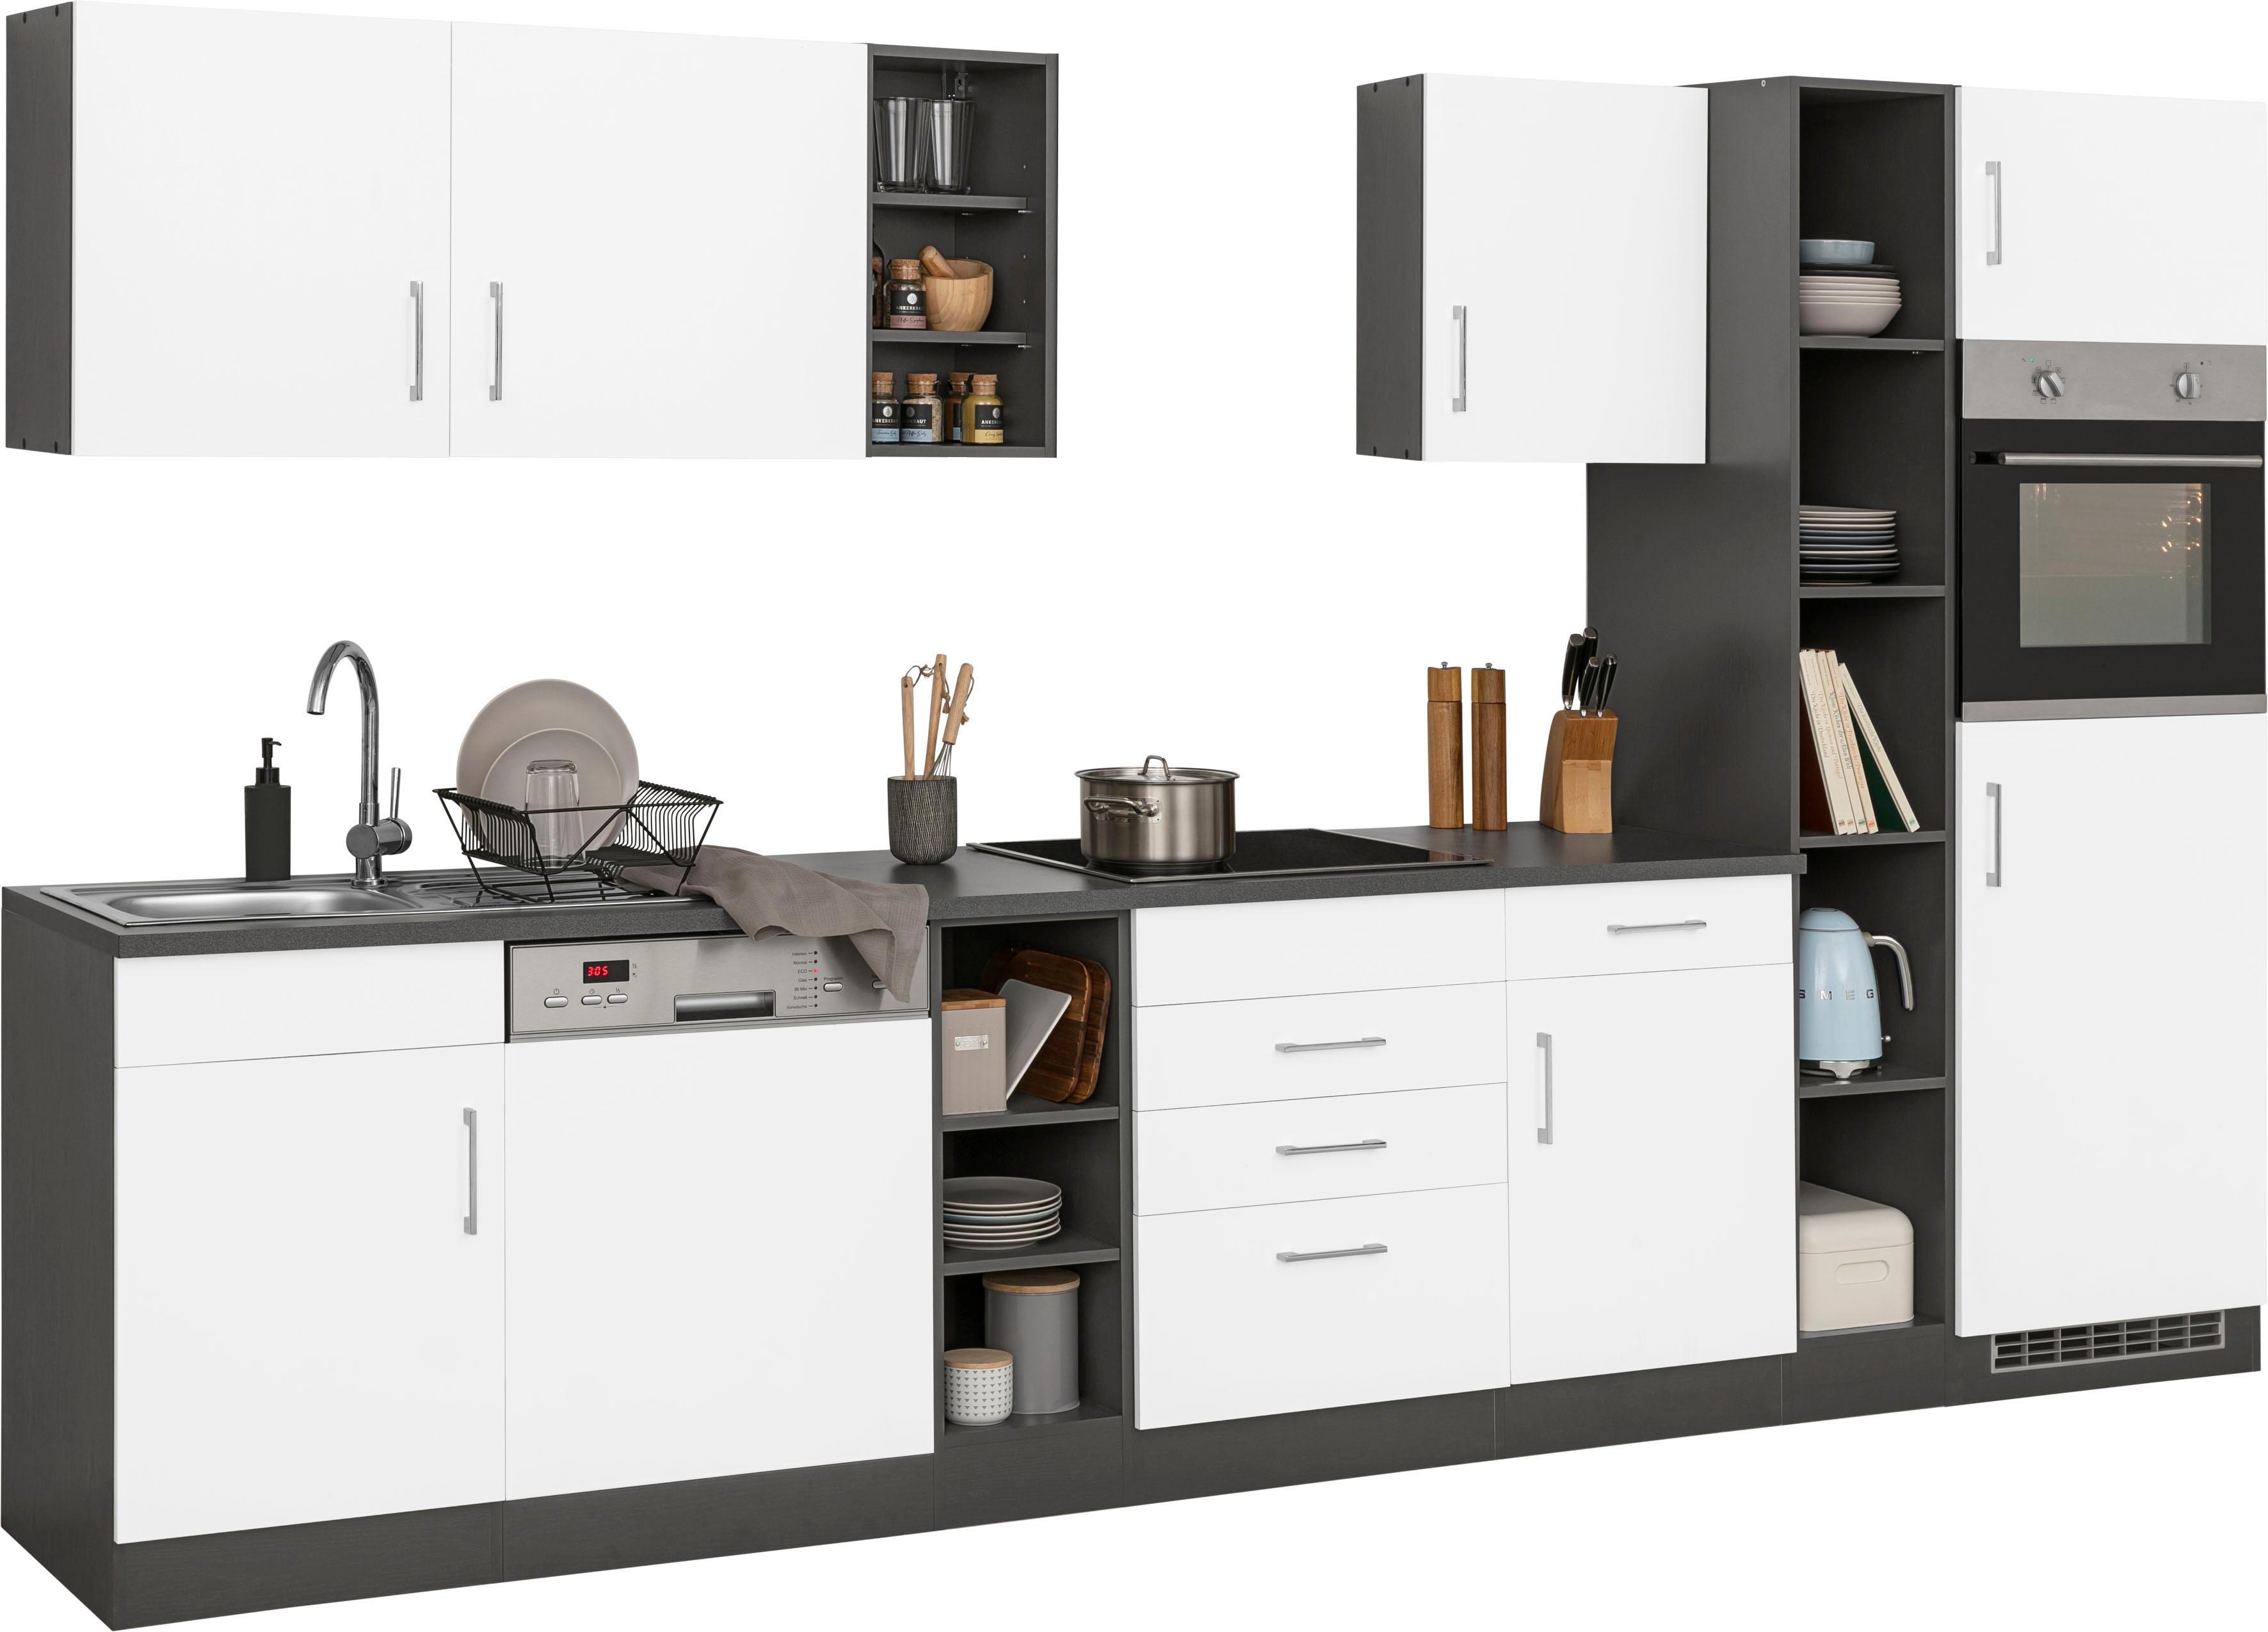 HELD MÖBEL Küchenzeile Paris, ohne E-Geräte, Breite 340 cm günstig online kaufen